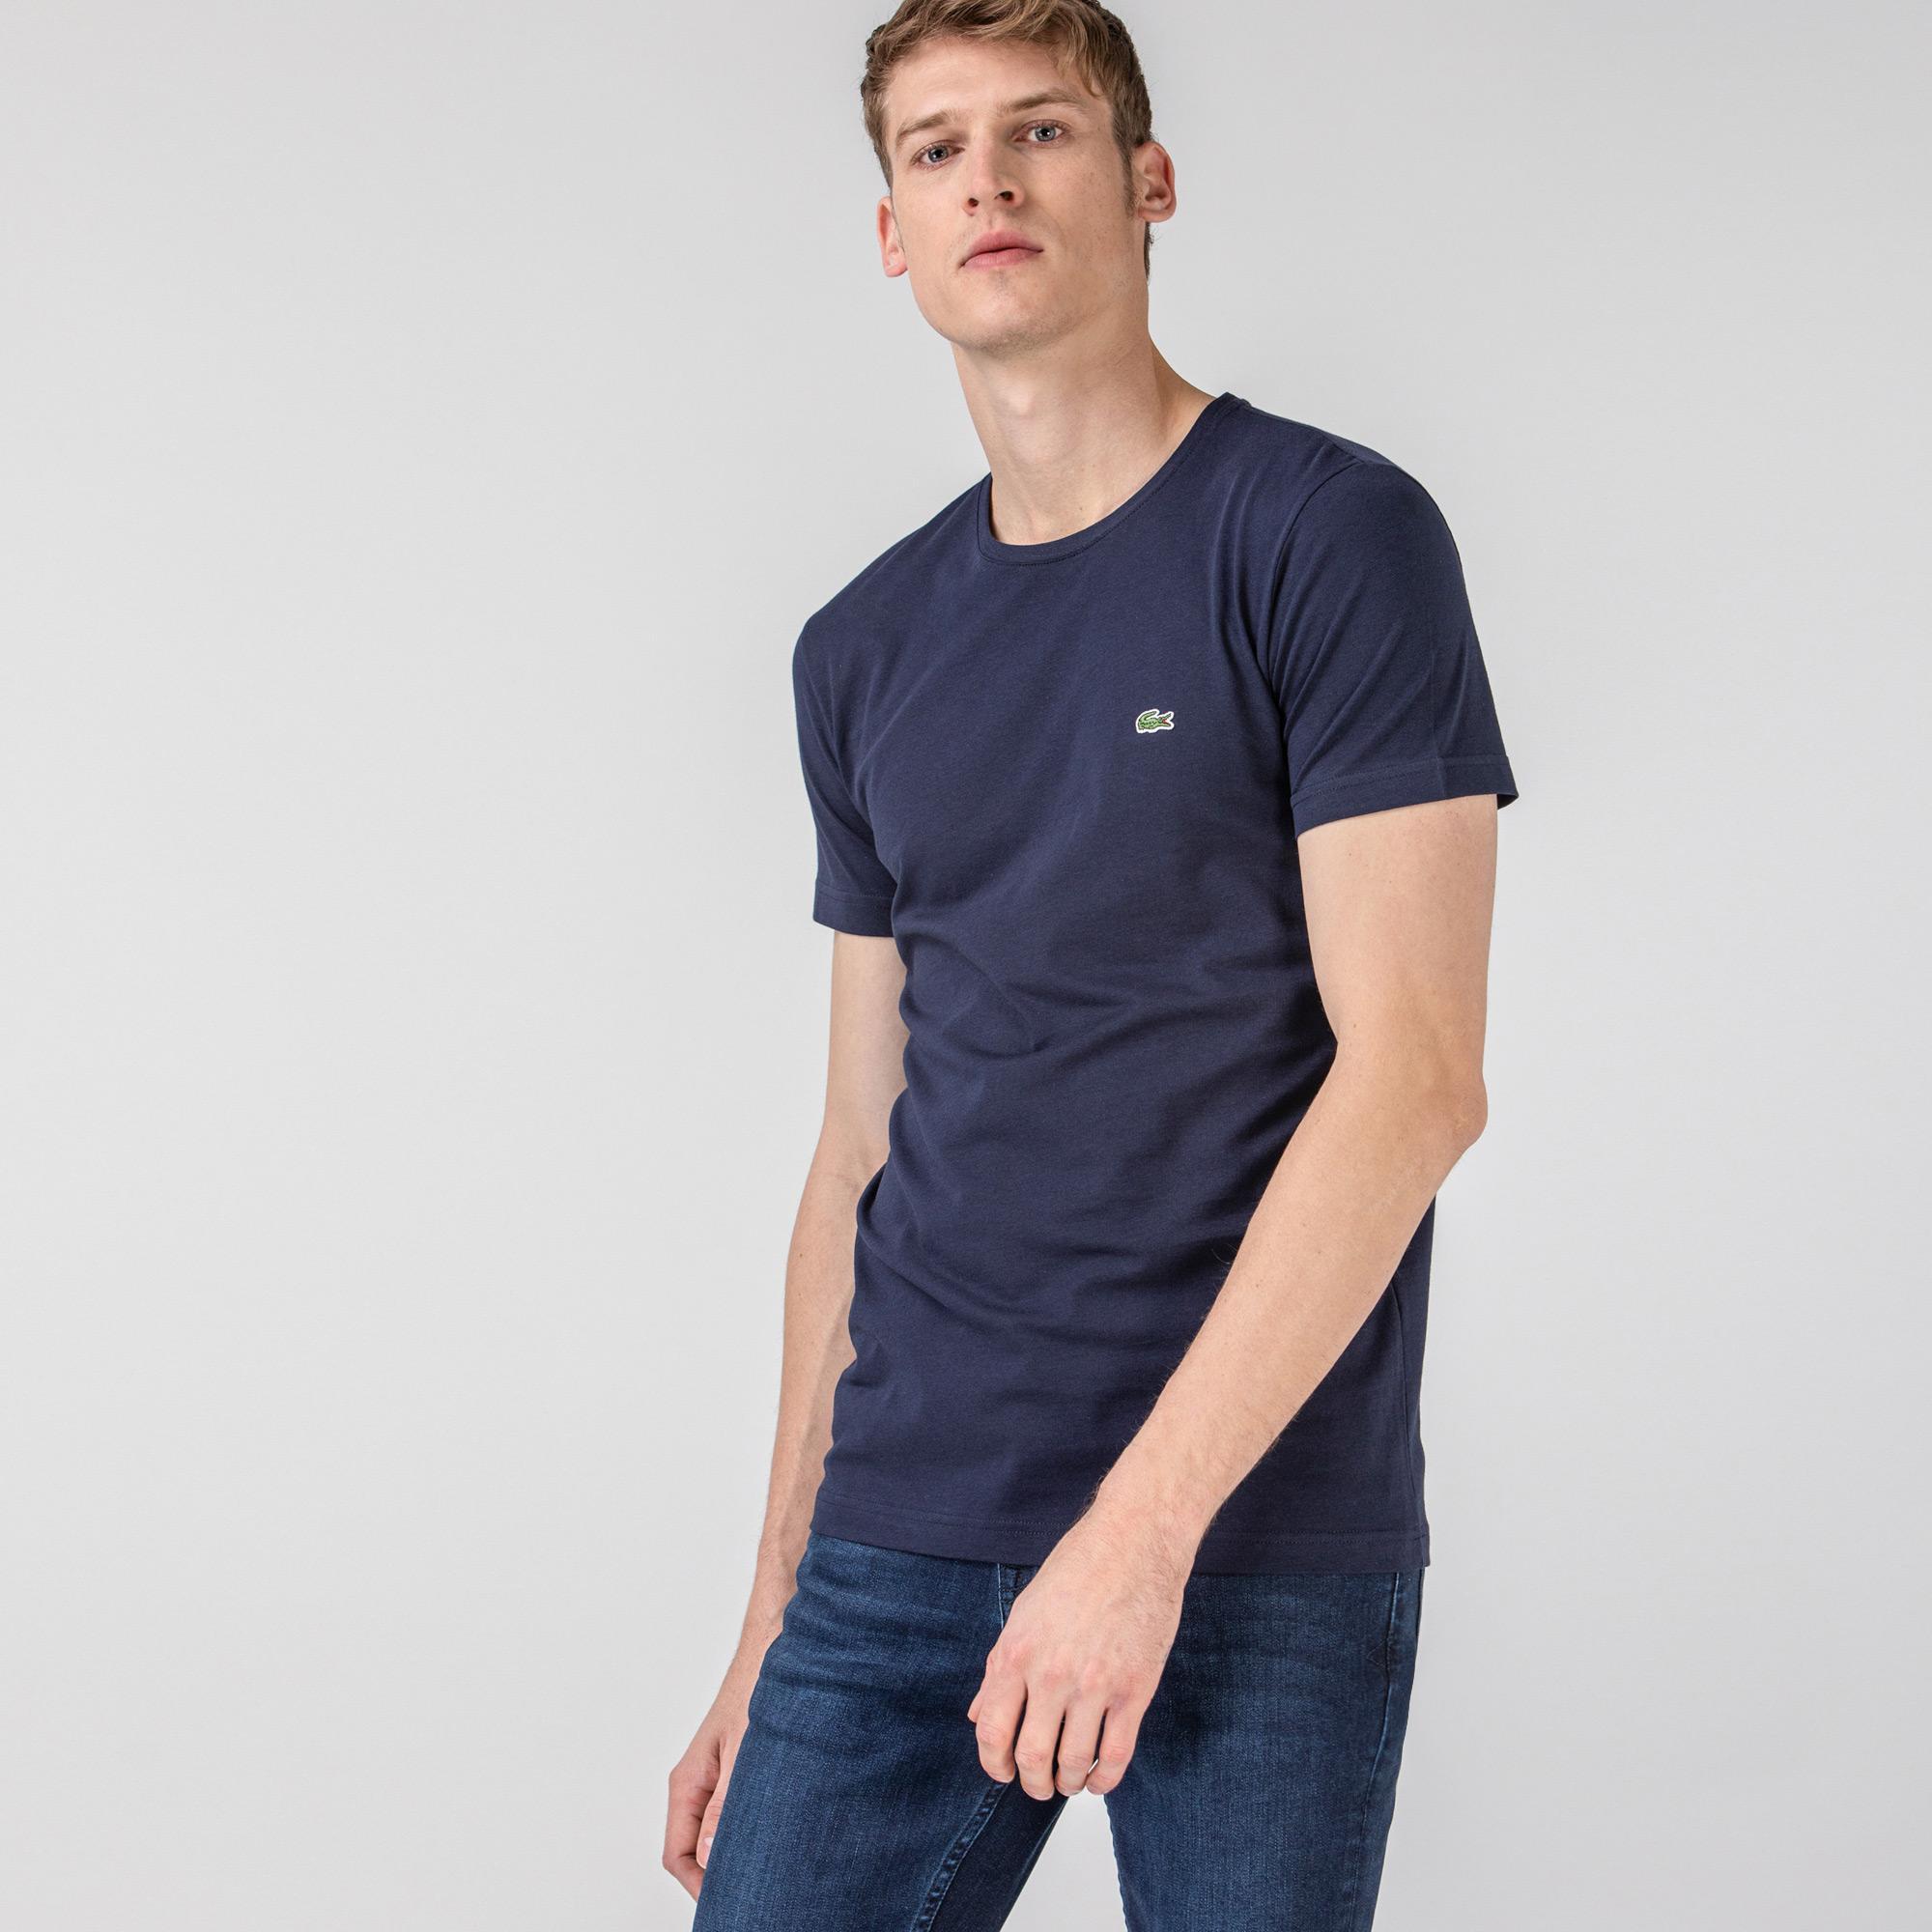 Lacoste Męski T-shirt we wzory z okrągłym dekoltem